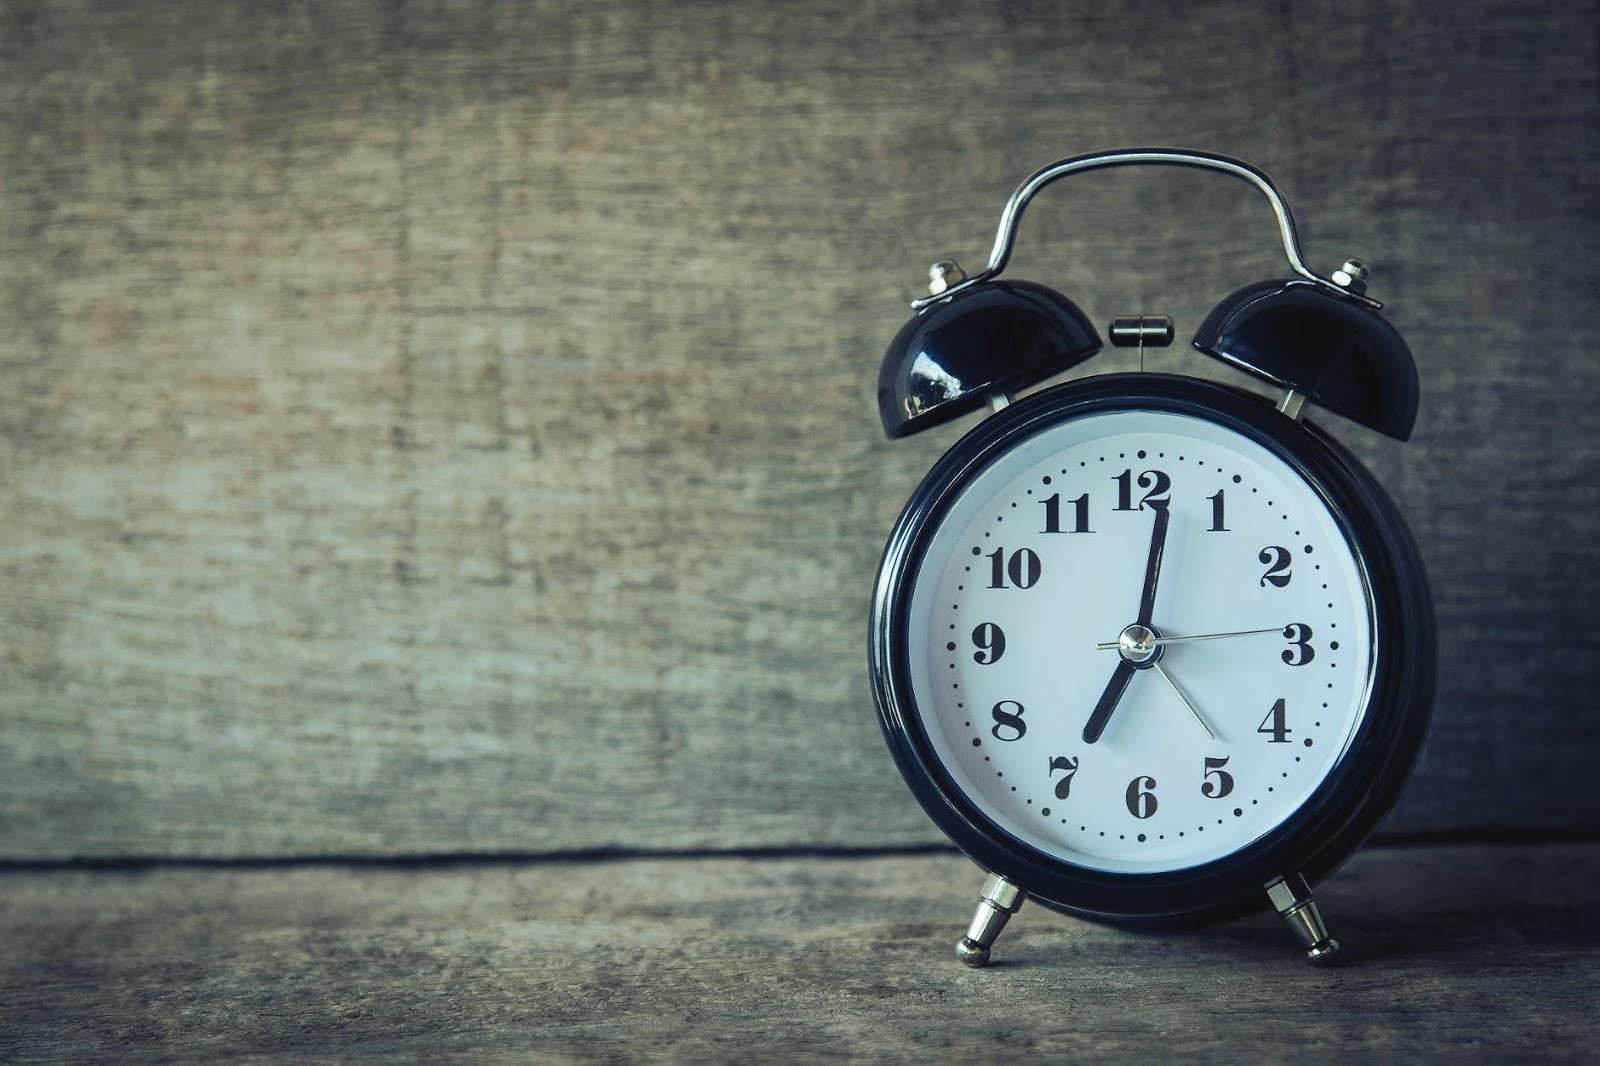 الساعة البيولوجية لجسم الأنسان وكيفية استعلالها لصالحنا